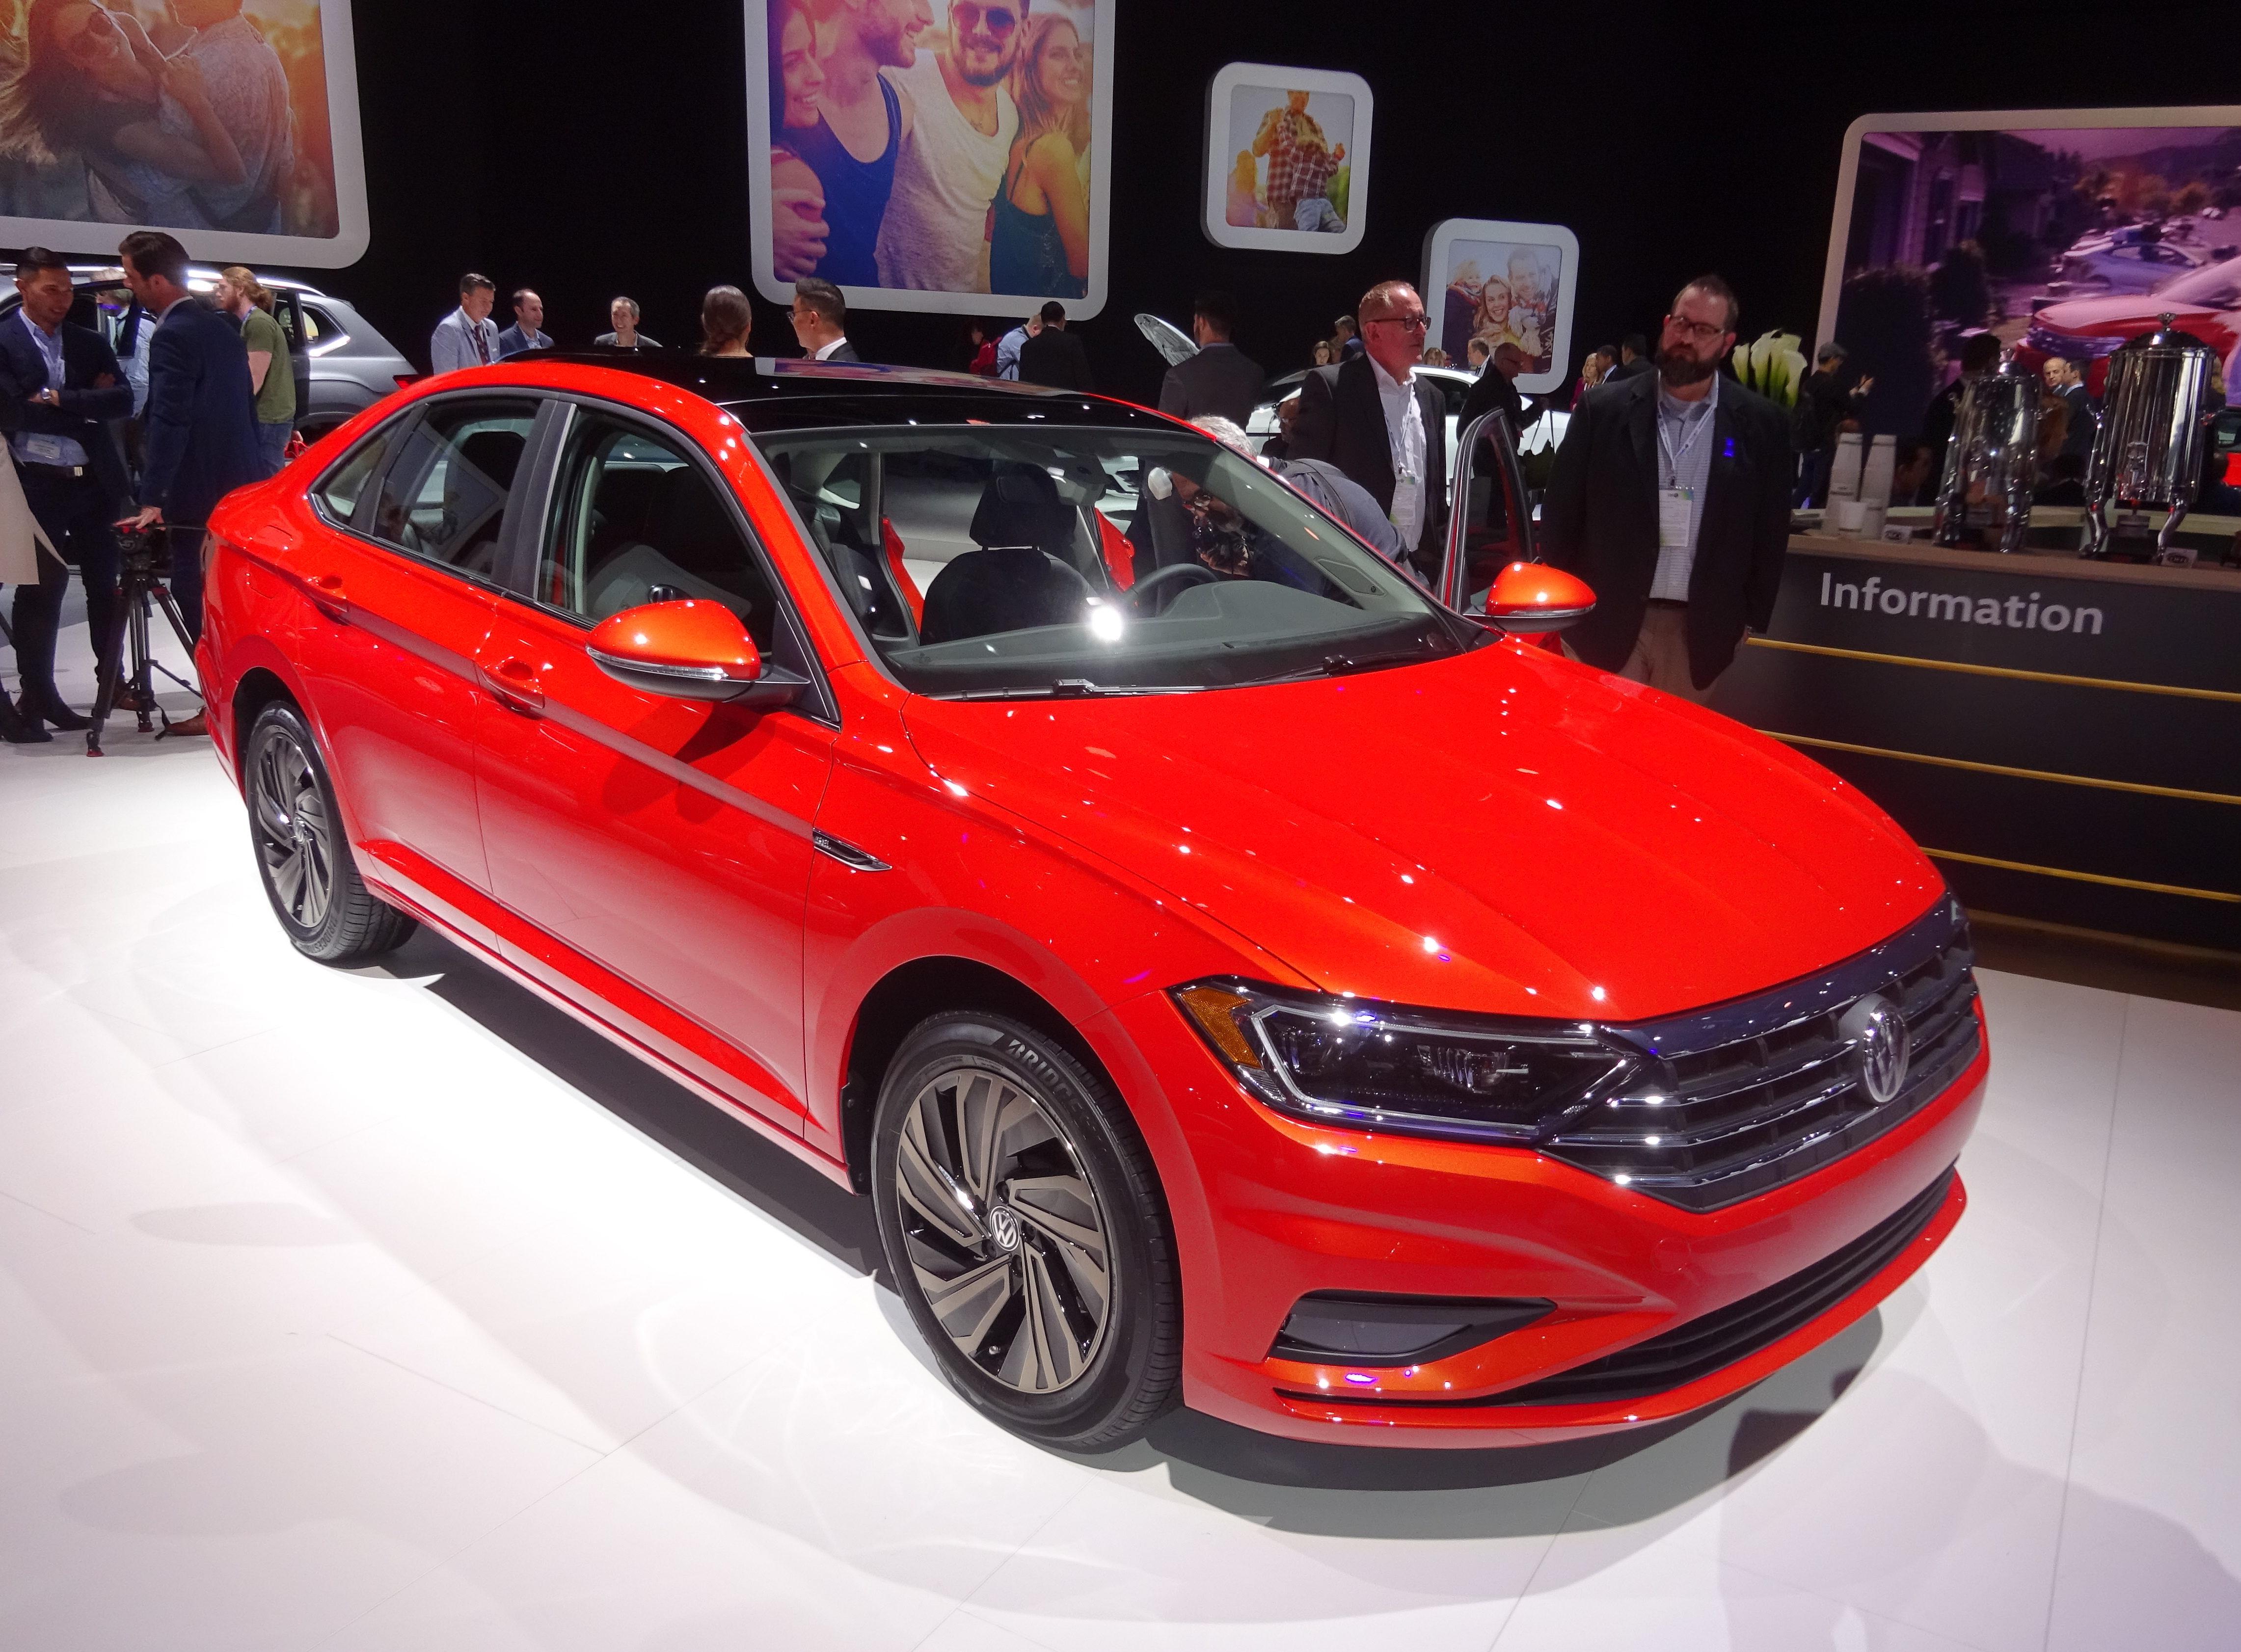 2019 Volkswagen Jetta 47% ultra high-strength steel | Repairer Driven News